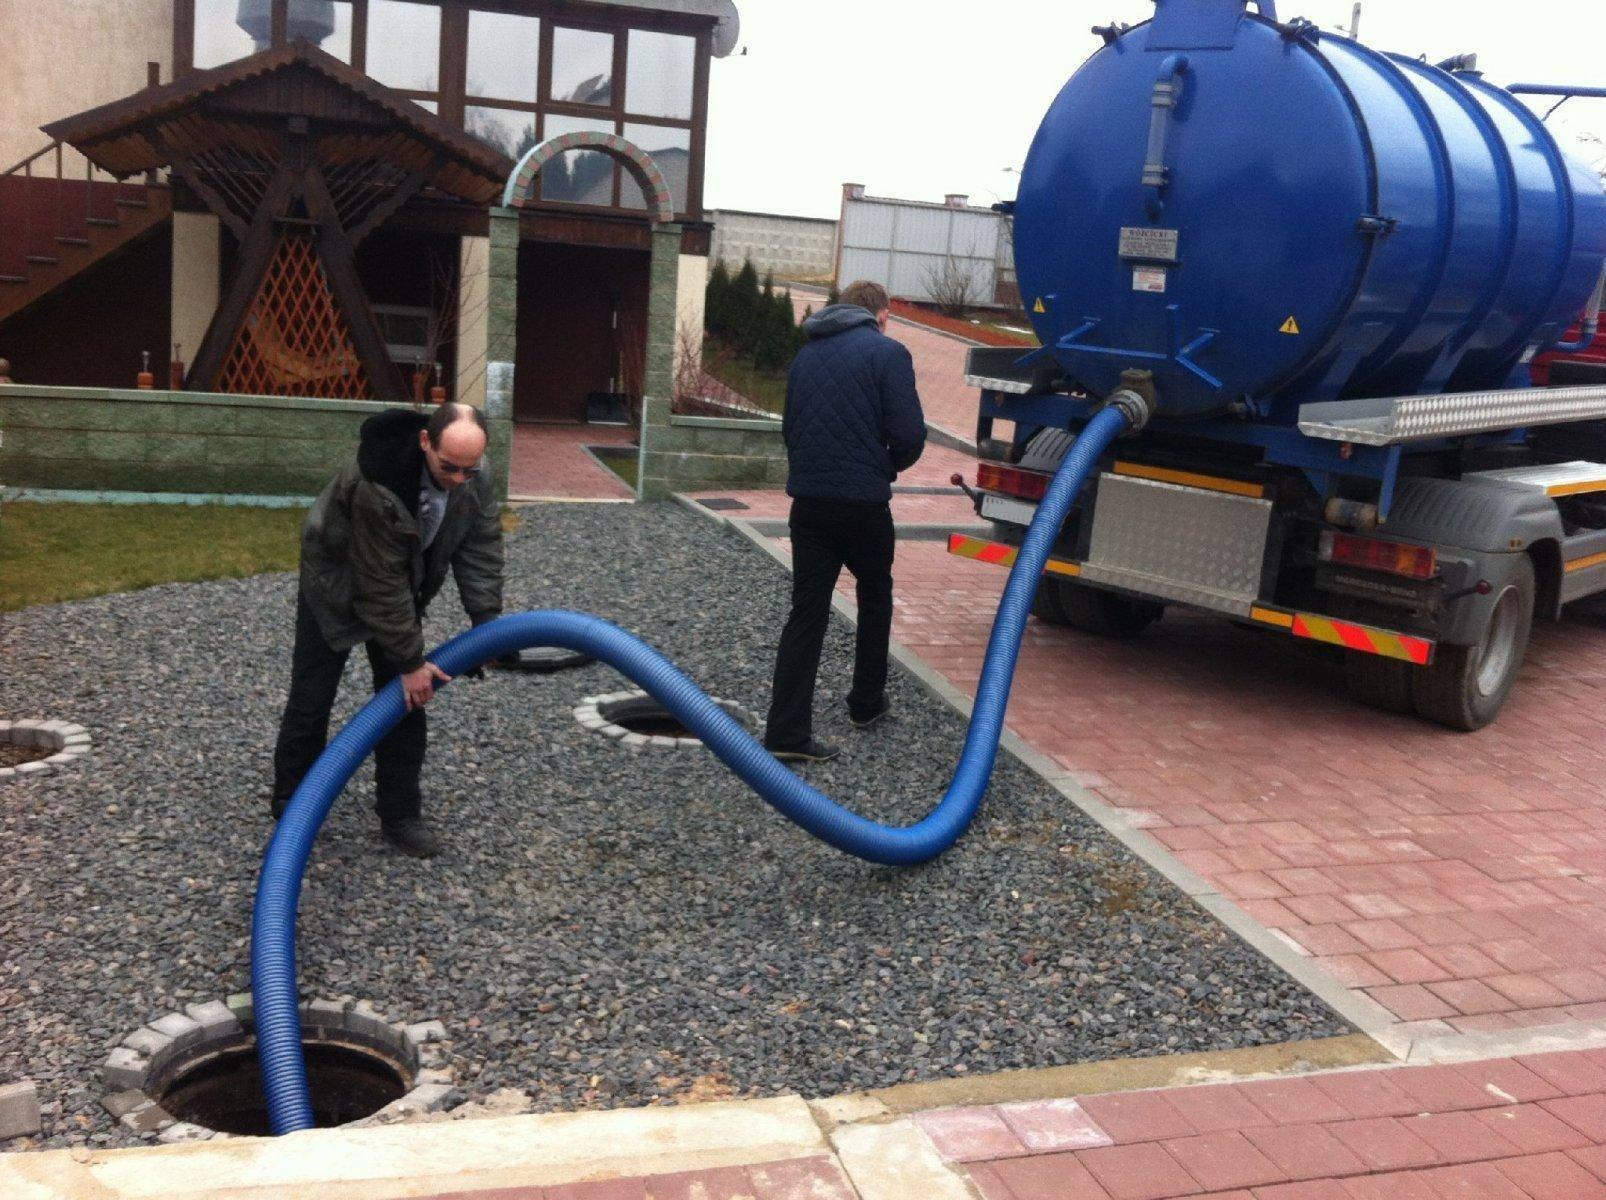 Откачка канализации в частном доме: сколько стоит и как выкачать